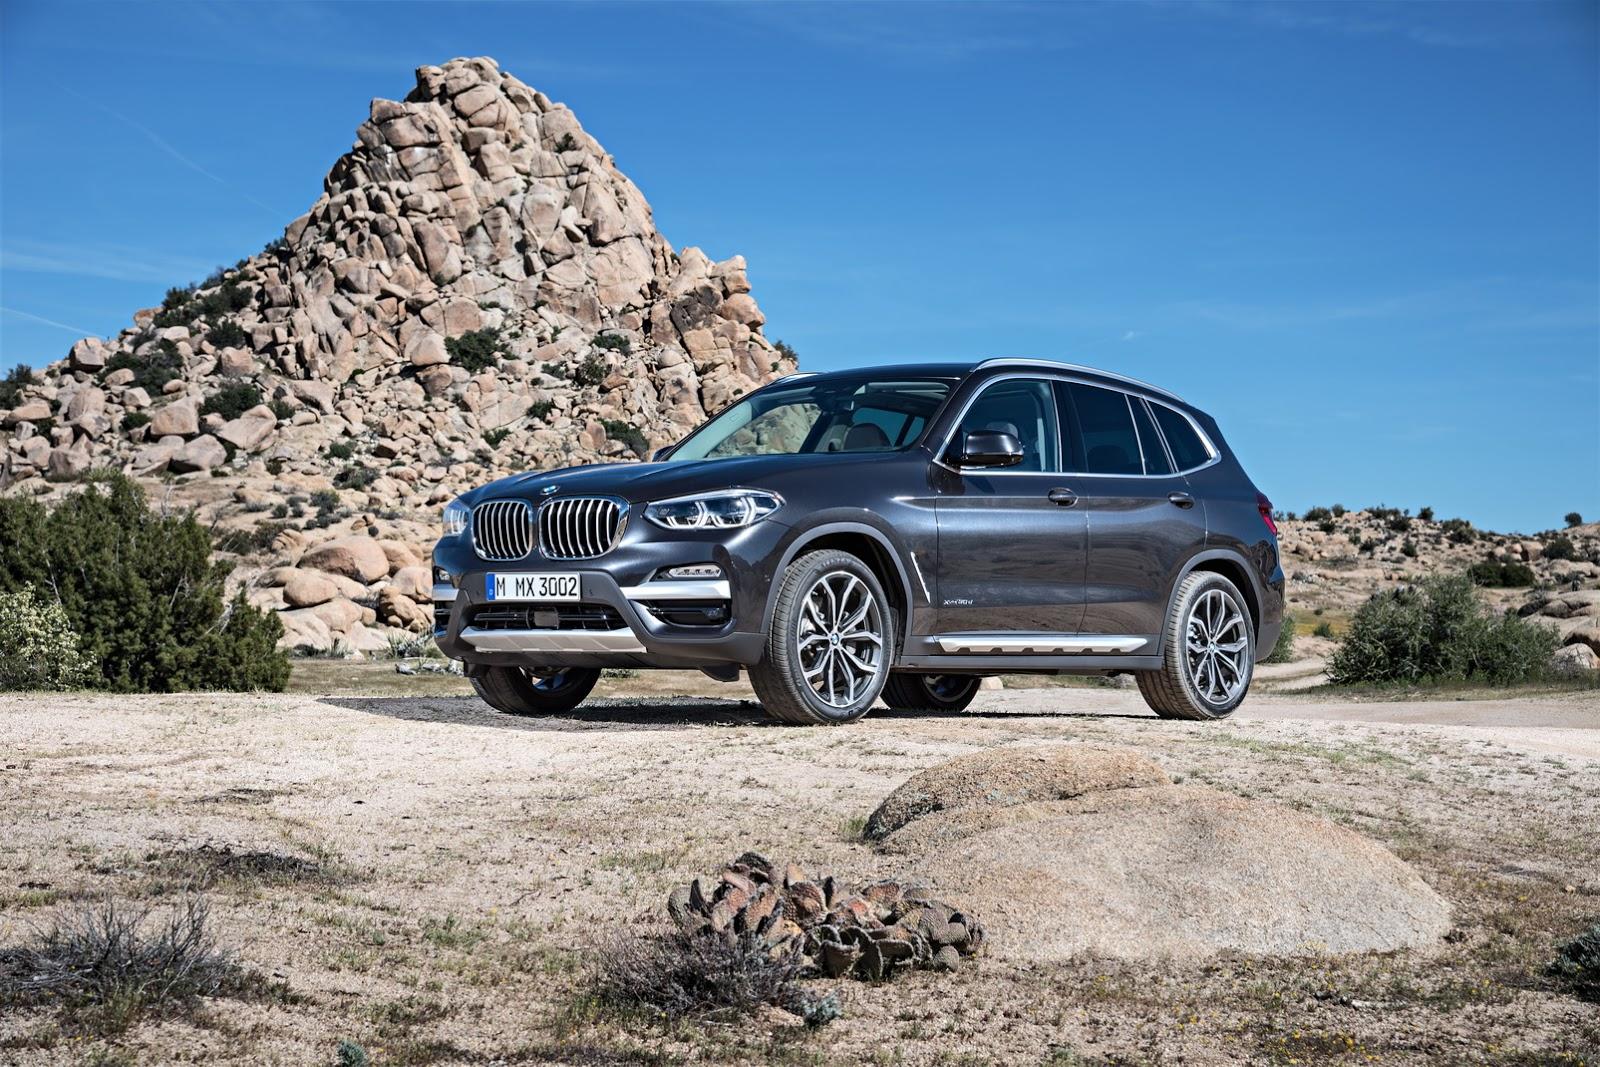 BMW X3 2018 (103)